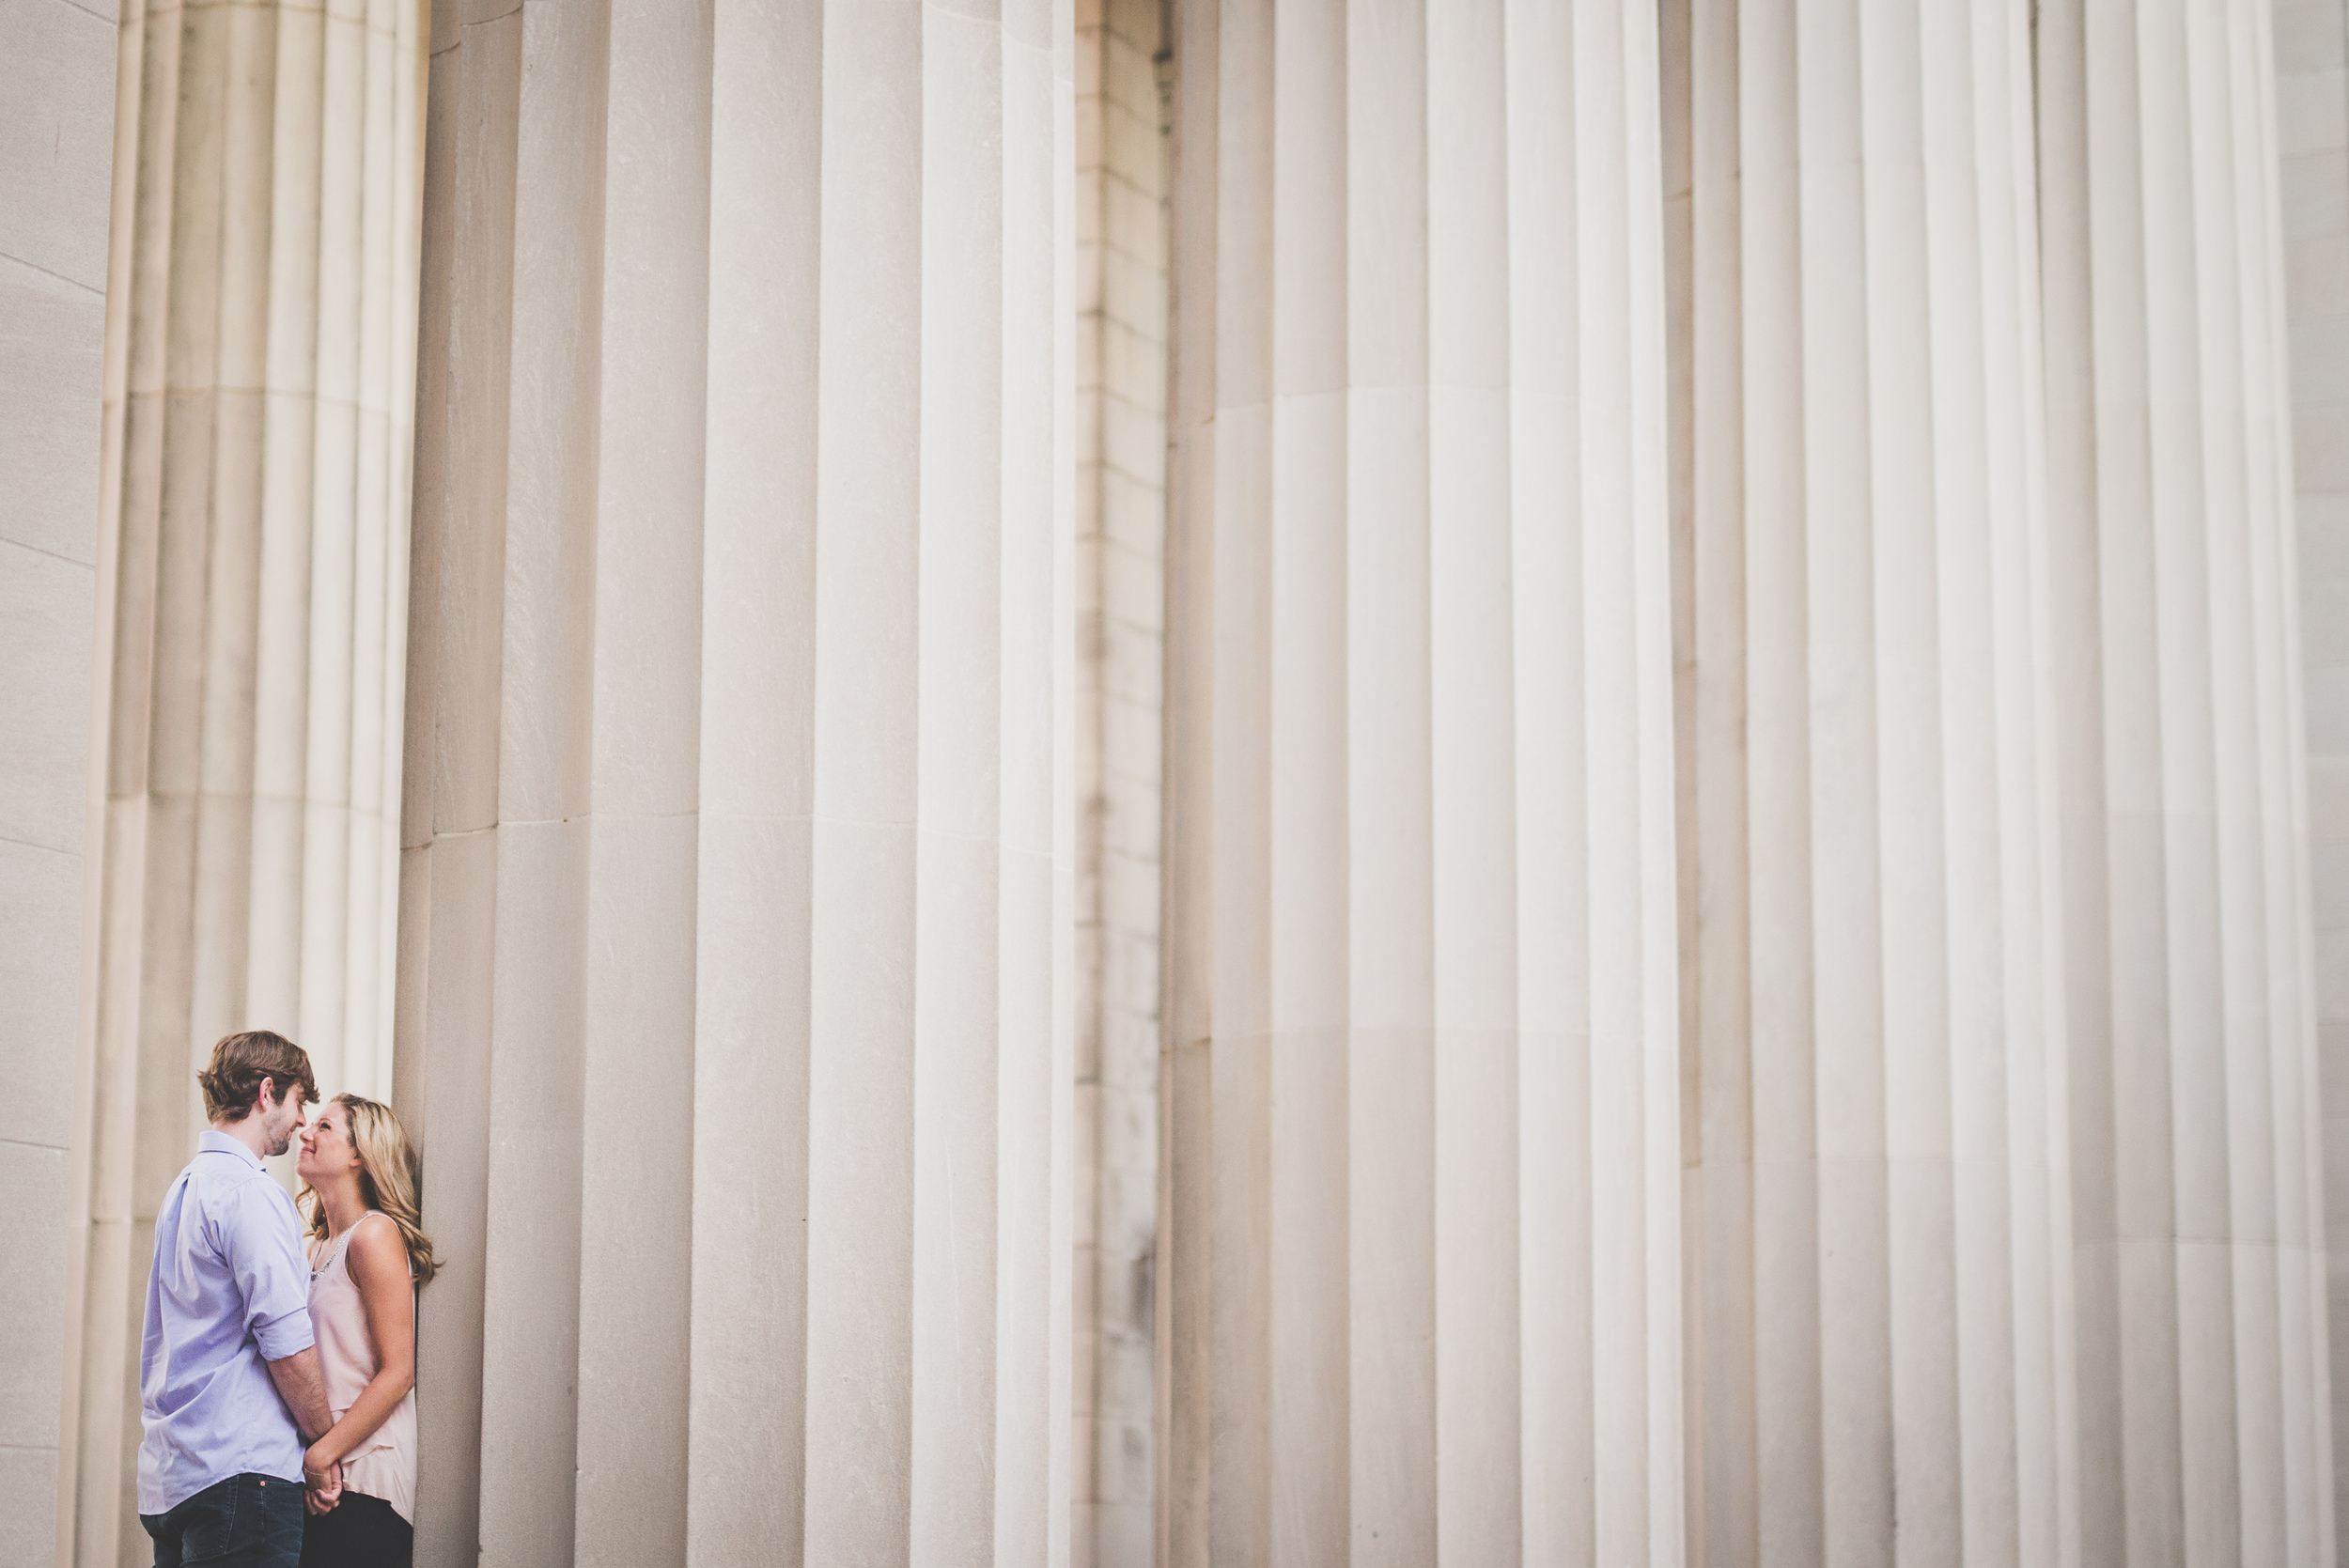 Scarritt-Bennett-War-Memorial-Downtown-Nashville-Wedding-Photographer-12.jpg